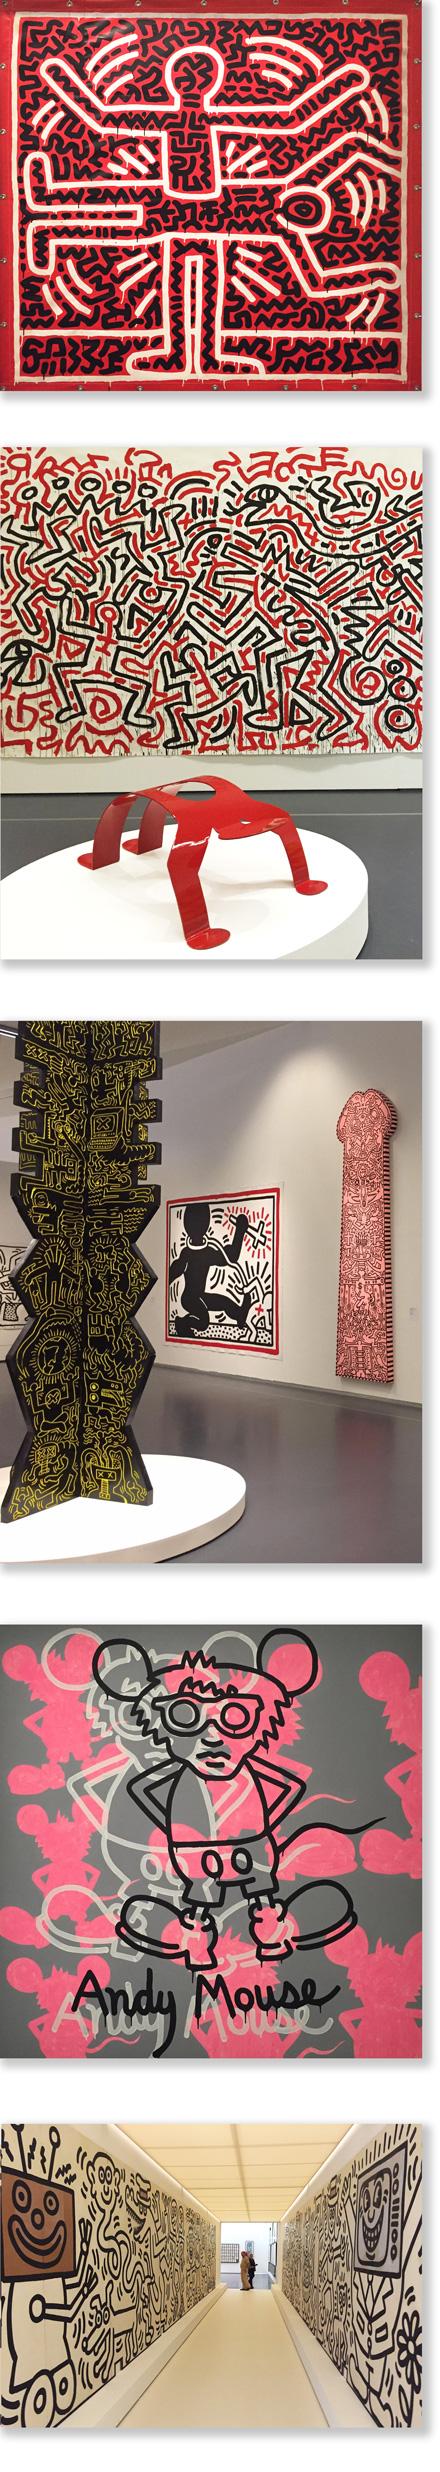 Keith_Haring